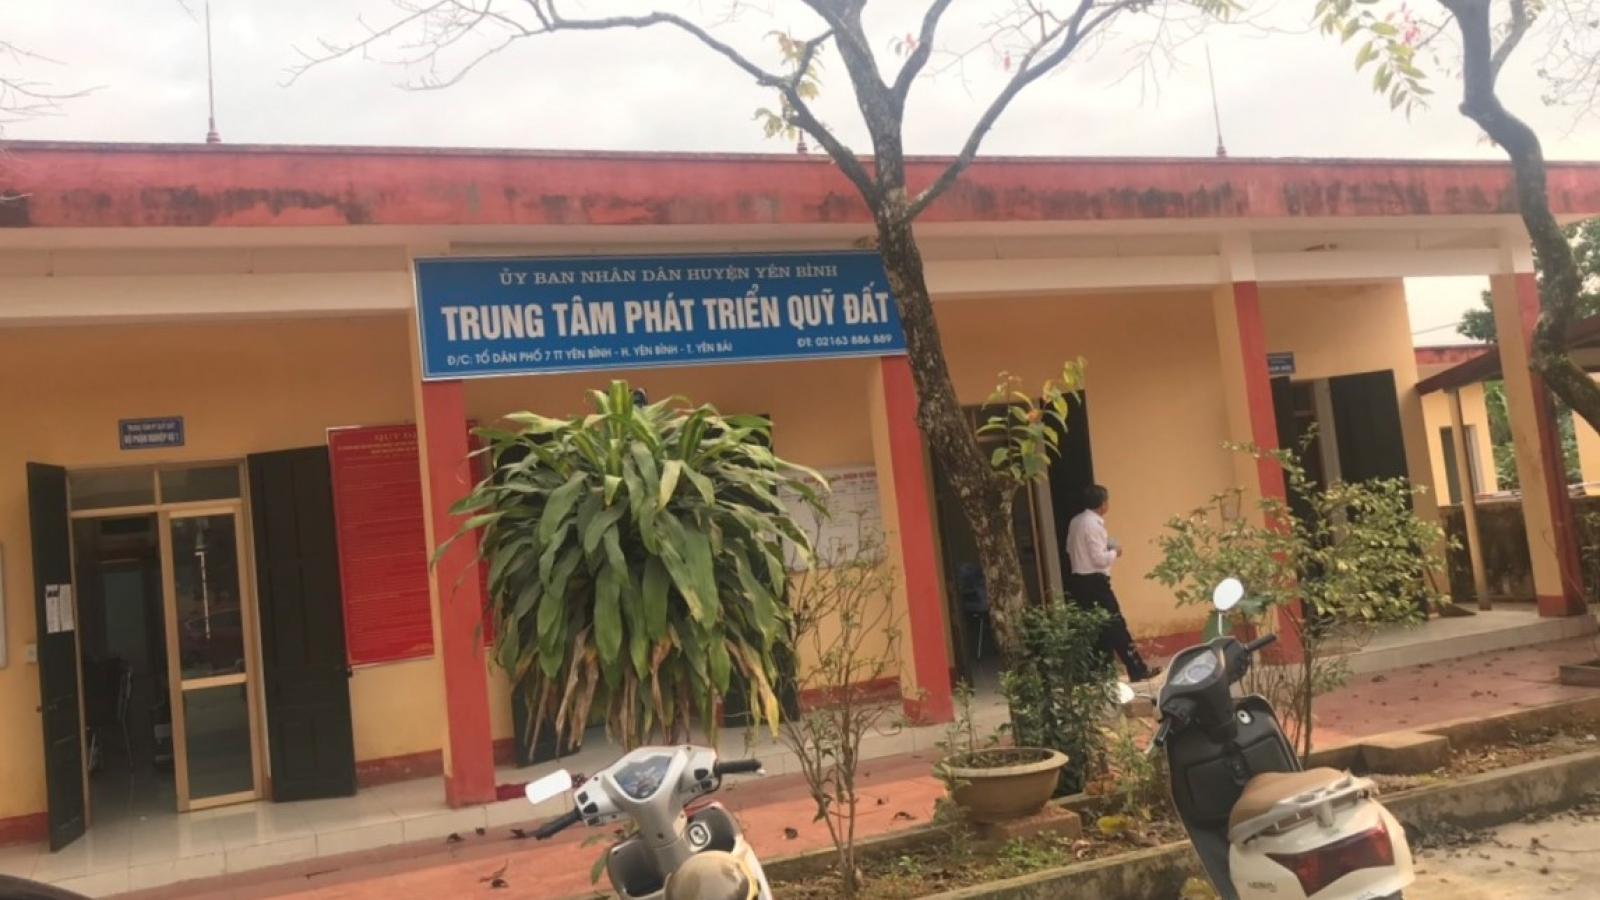 Yên Bái: Khởi tố, bắt tạm giam Giám đốc Trung tâm phát triển Quỹ đất huyện Yên Bình